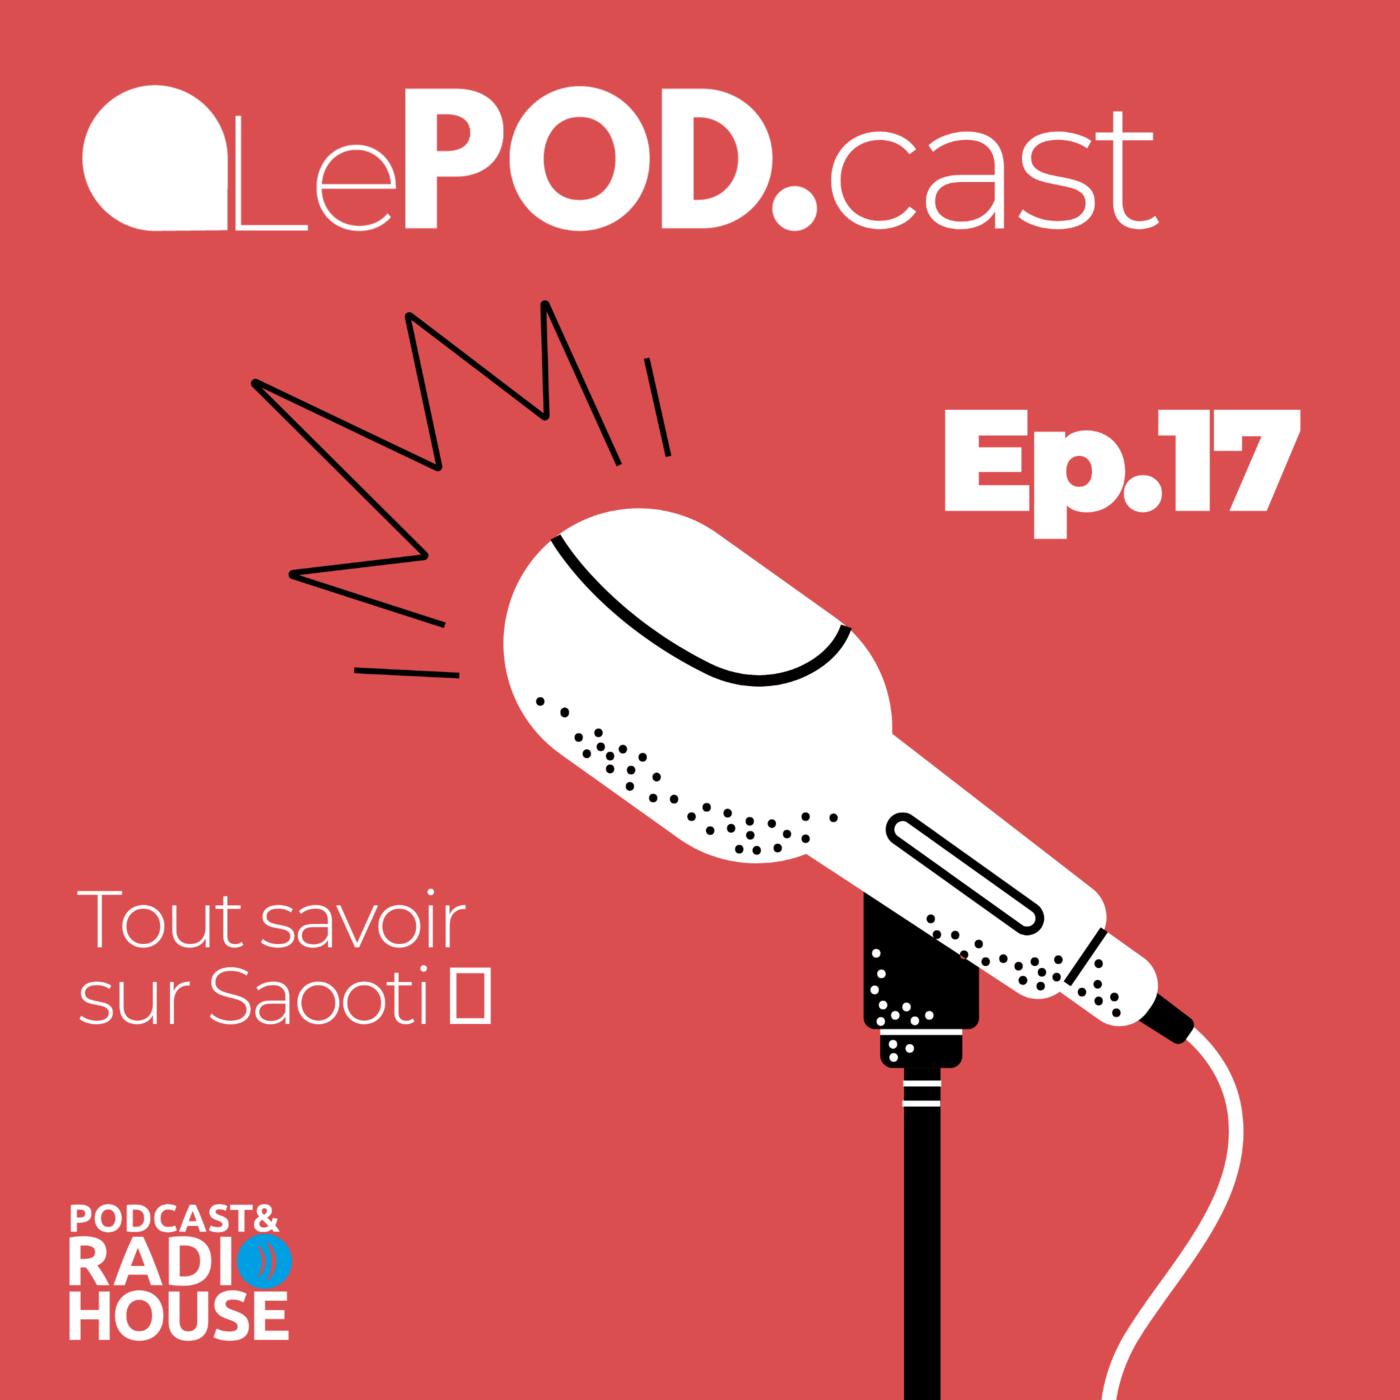 EP.17 - Podcast : Tout savoir  sur Saooti - Le POD.